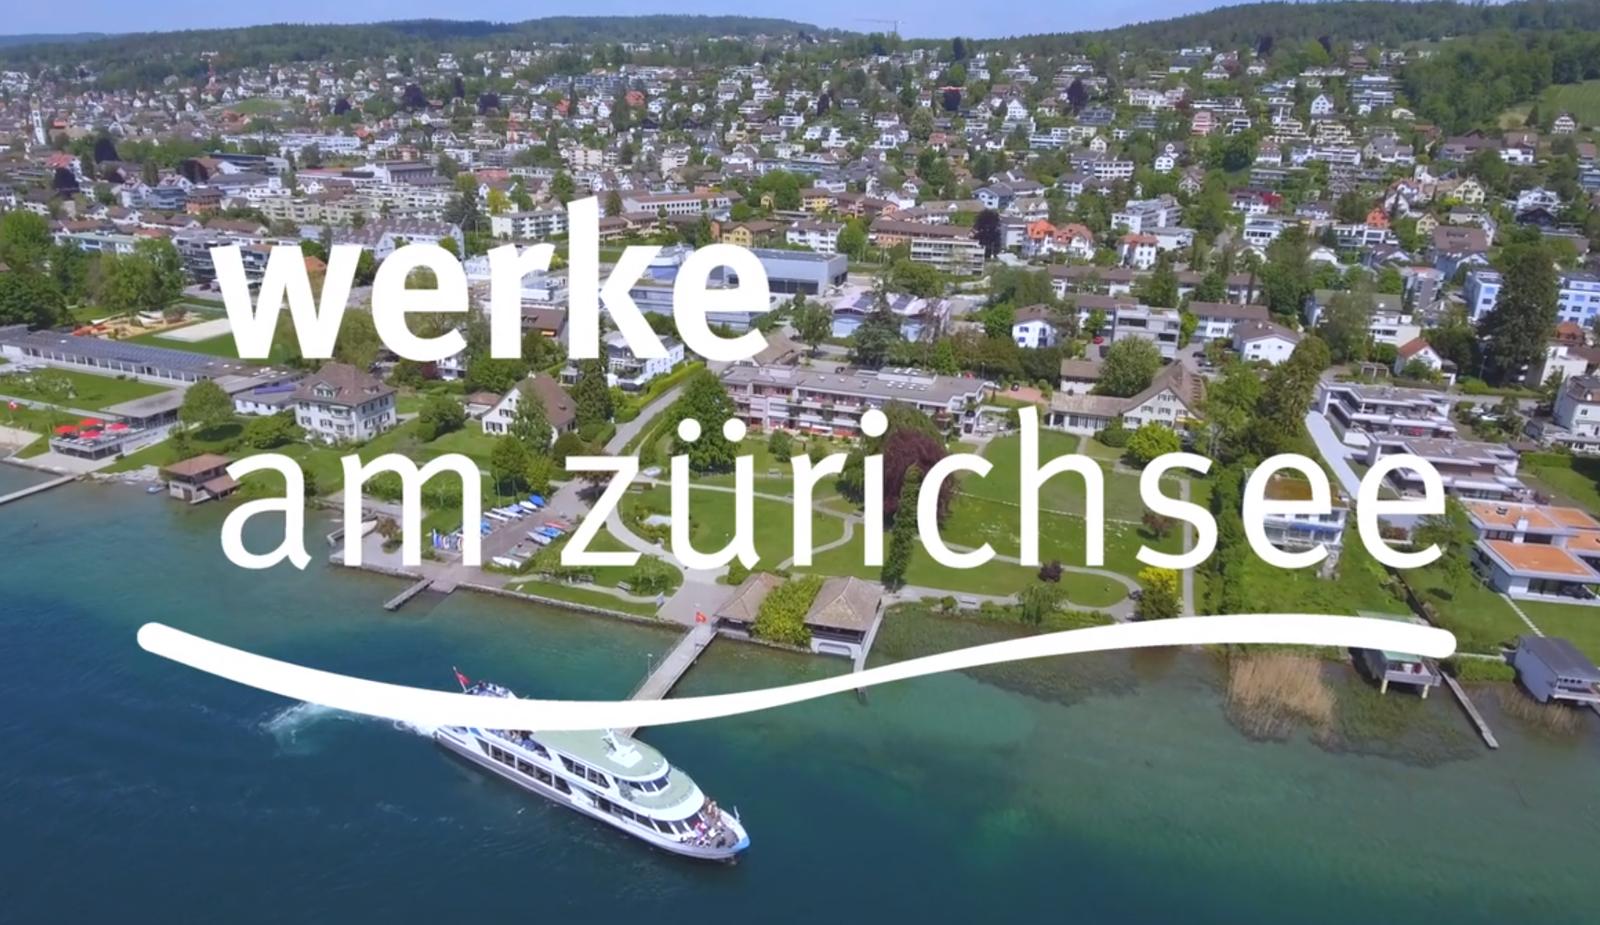 Werke am Zürichsee